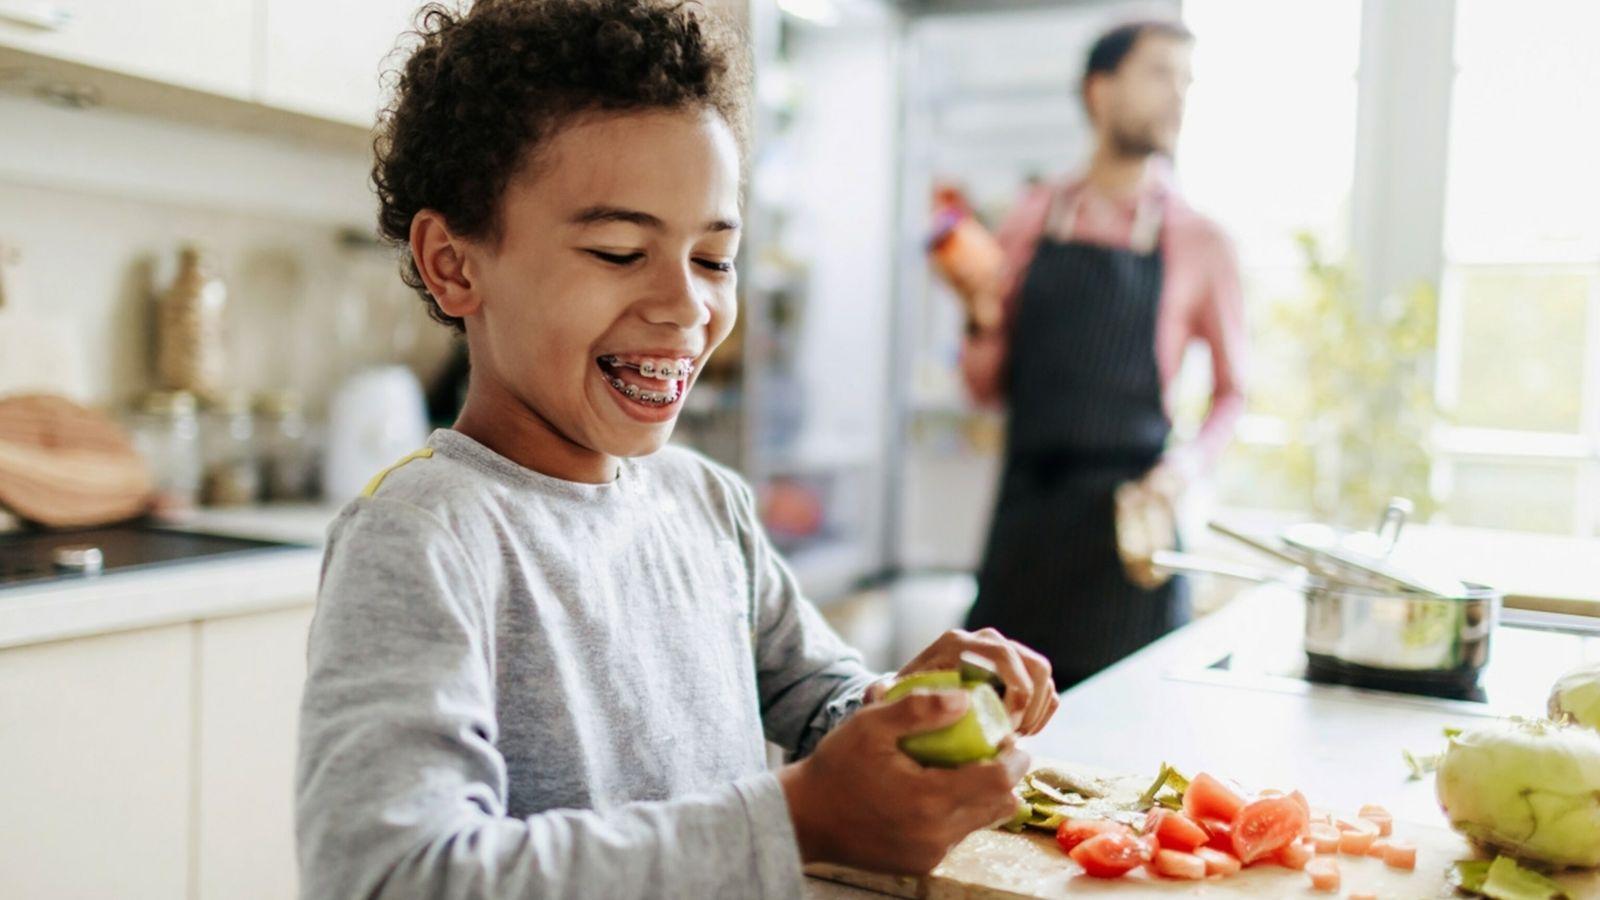 Menino na cozinha - a comer comida vegetariana